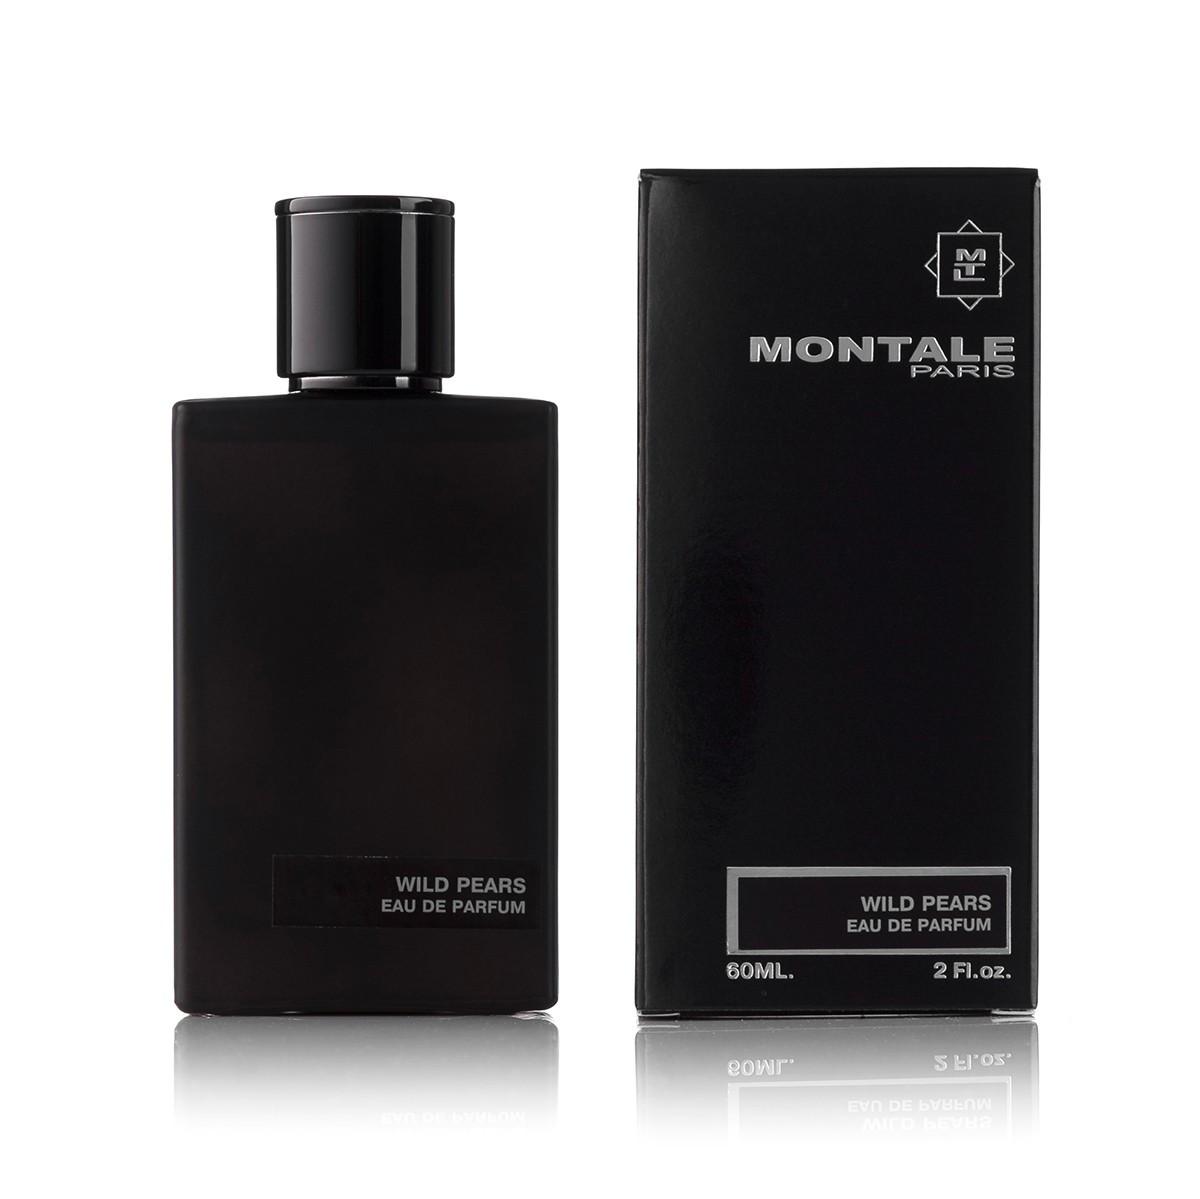 60 мл мини-парфюм Montale Wild Pears (унисекс) - М-28